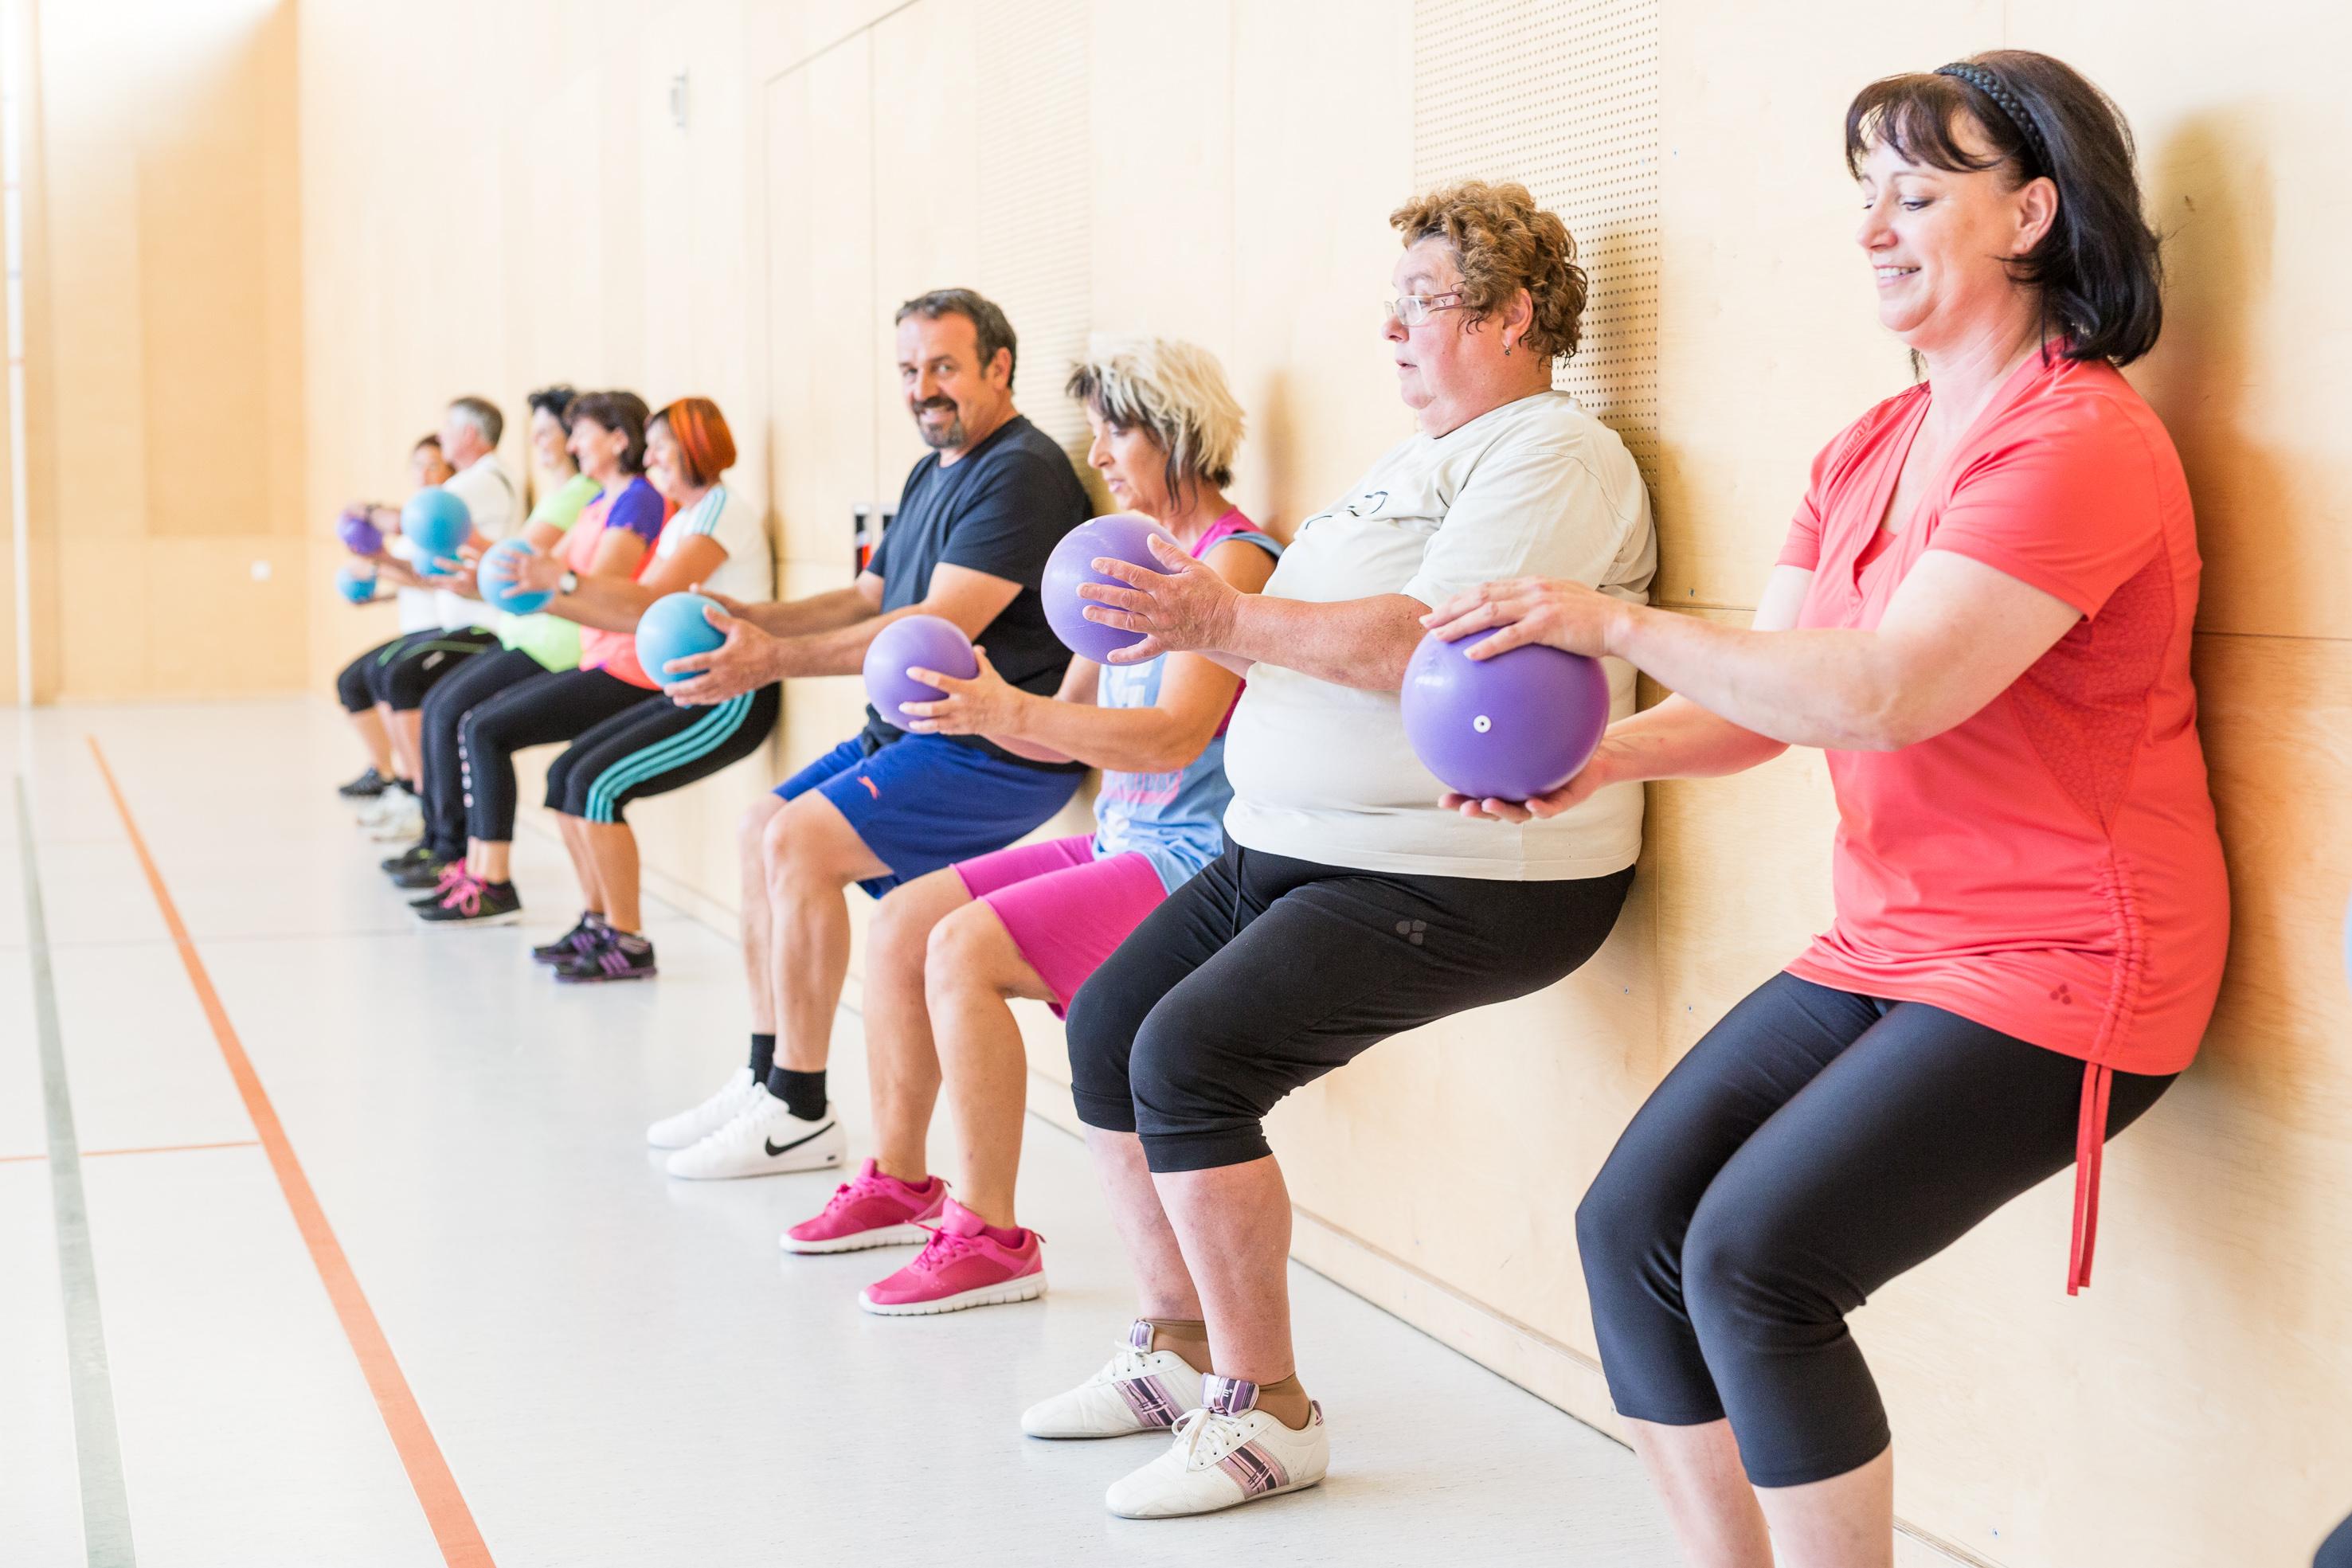 GRATIS Bewegungsprogramm für Übergewichtige